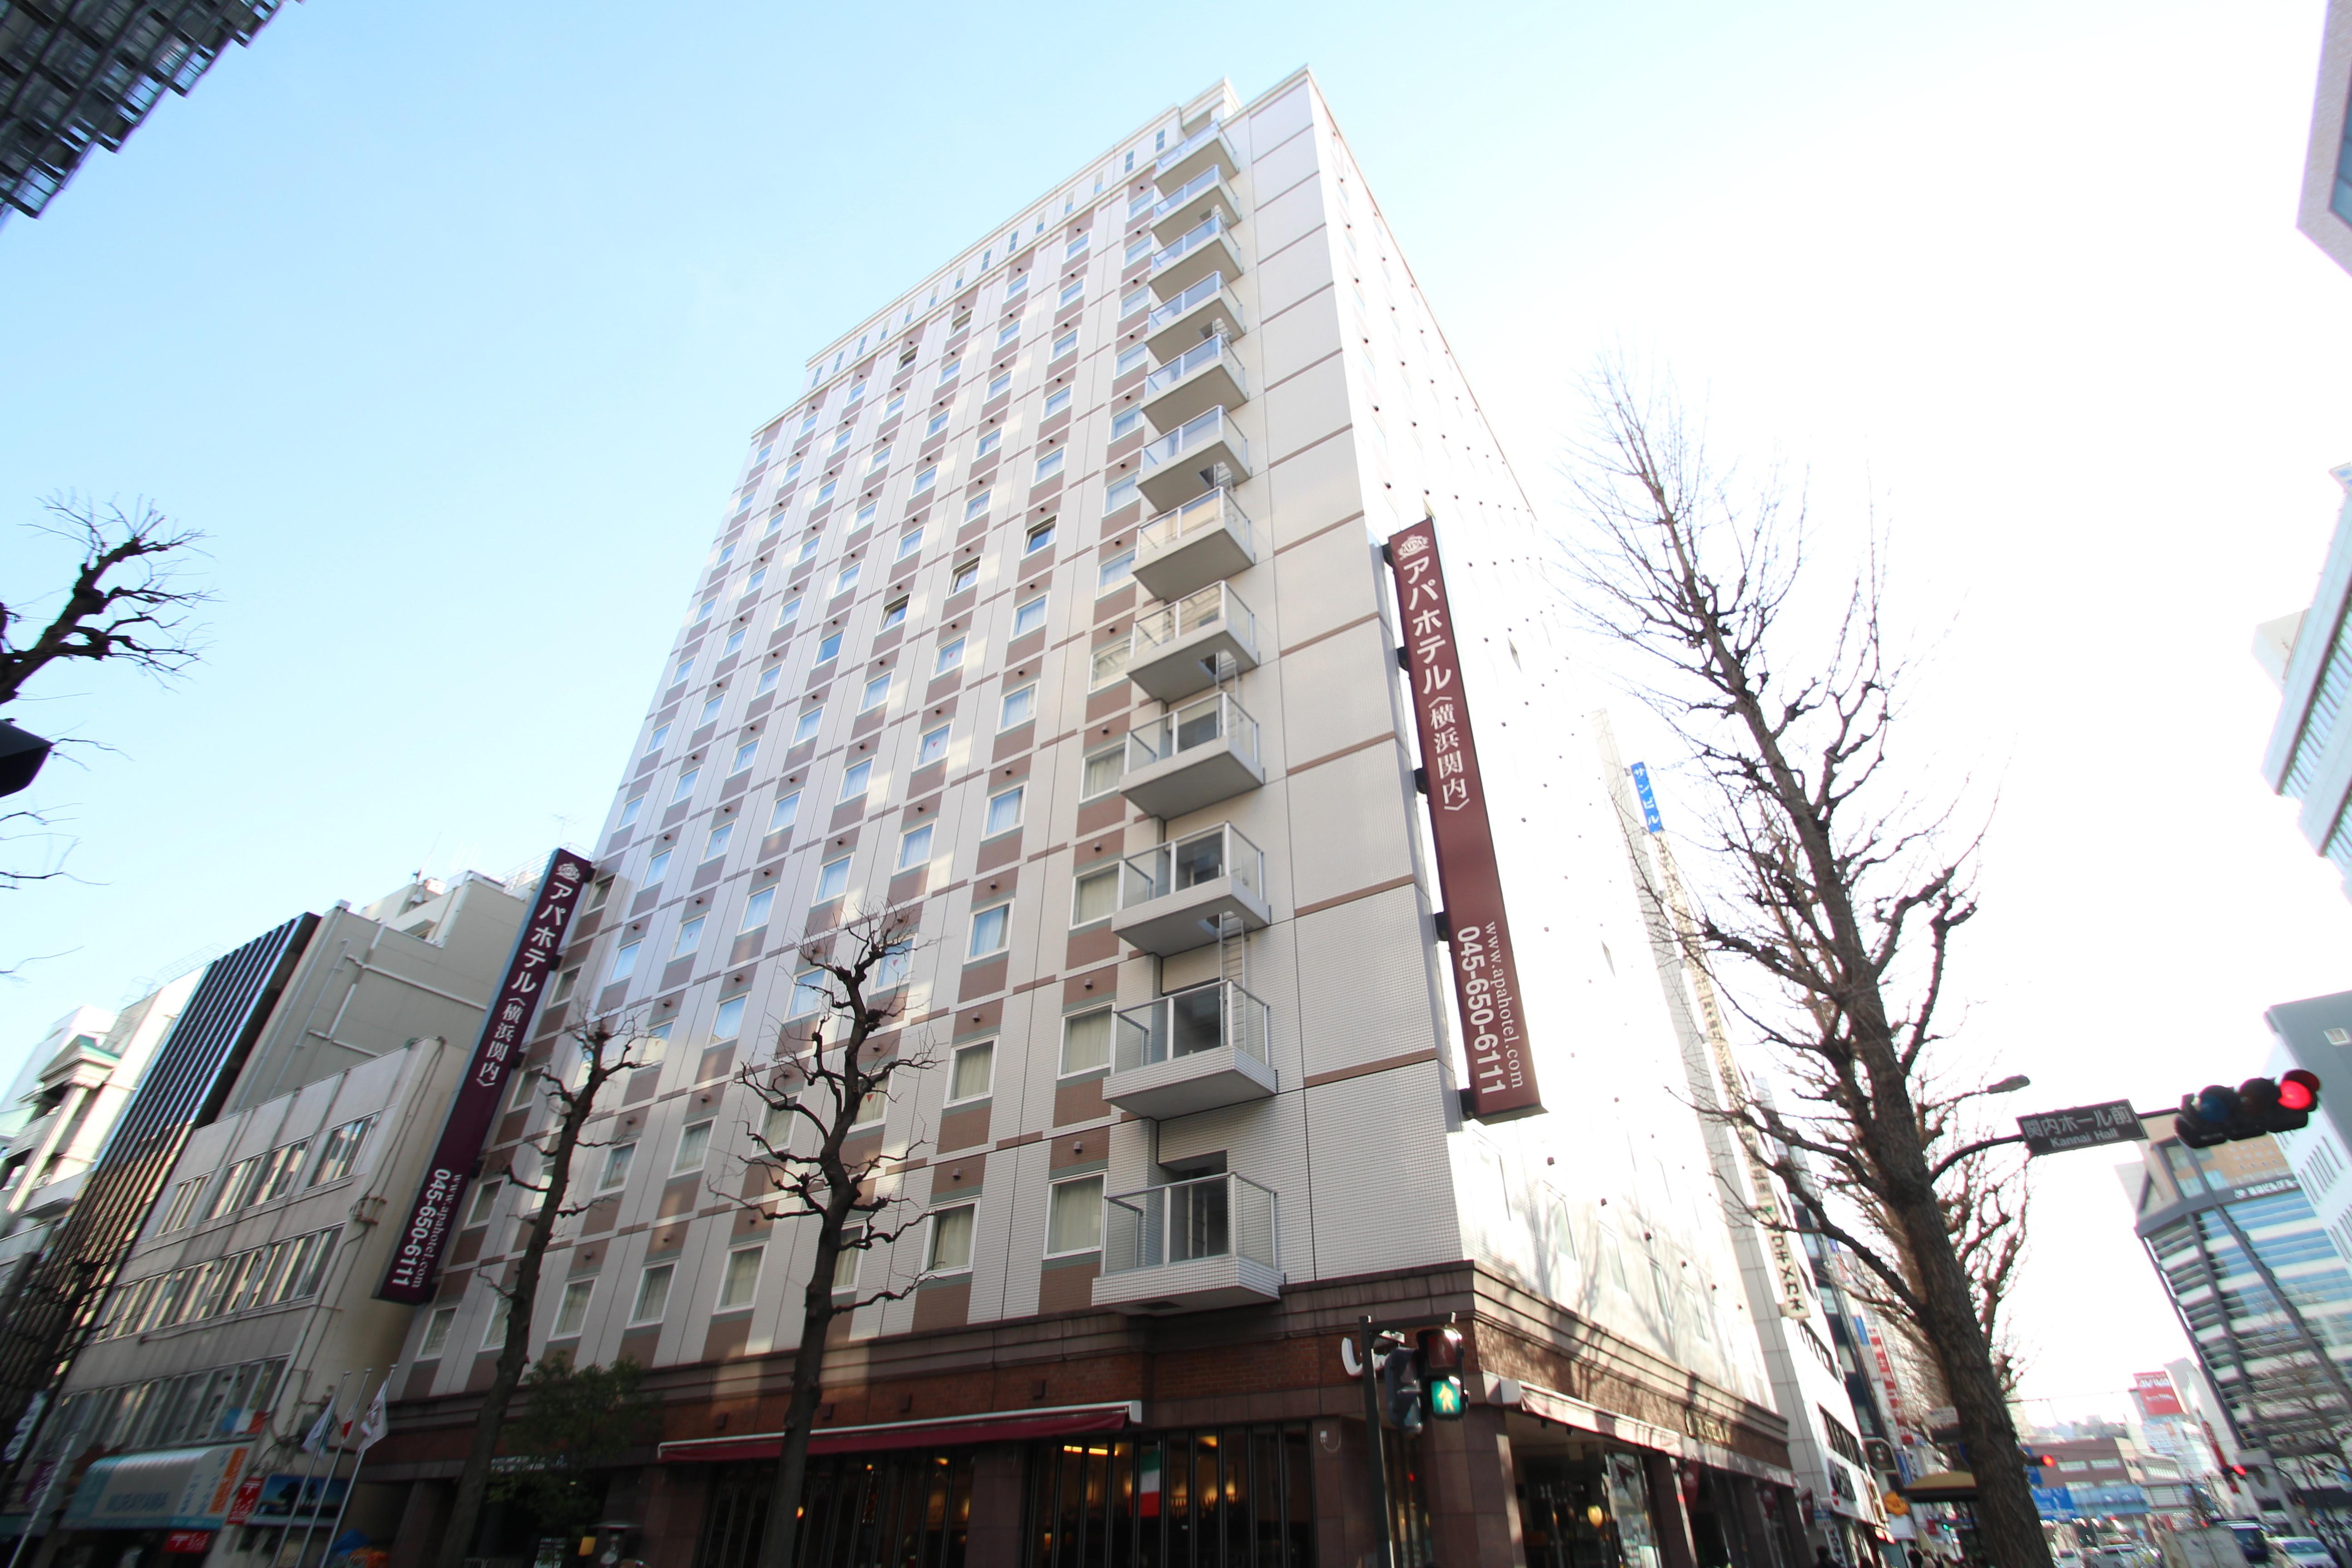 アパホテル〈横浜関内〉 のイメージ